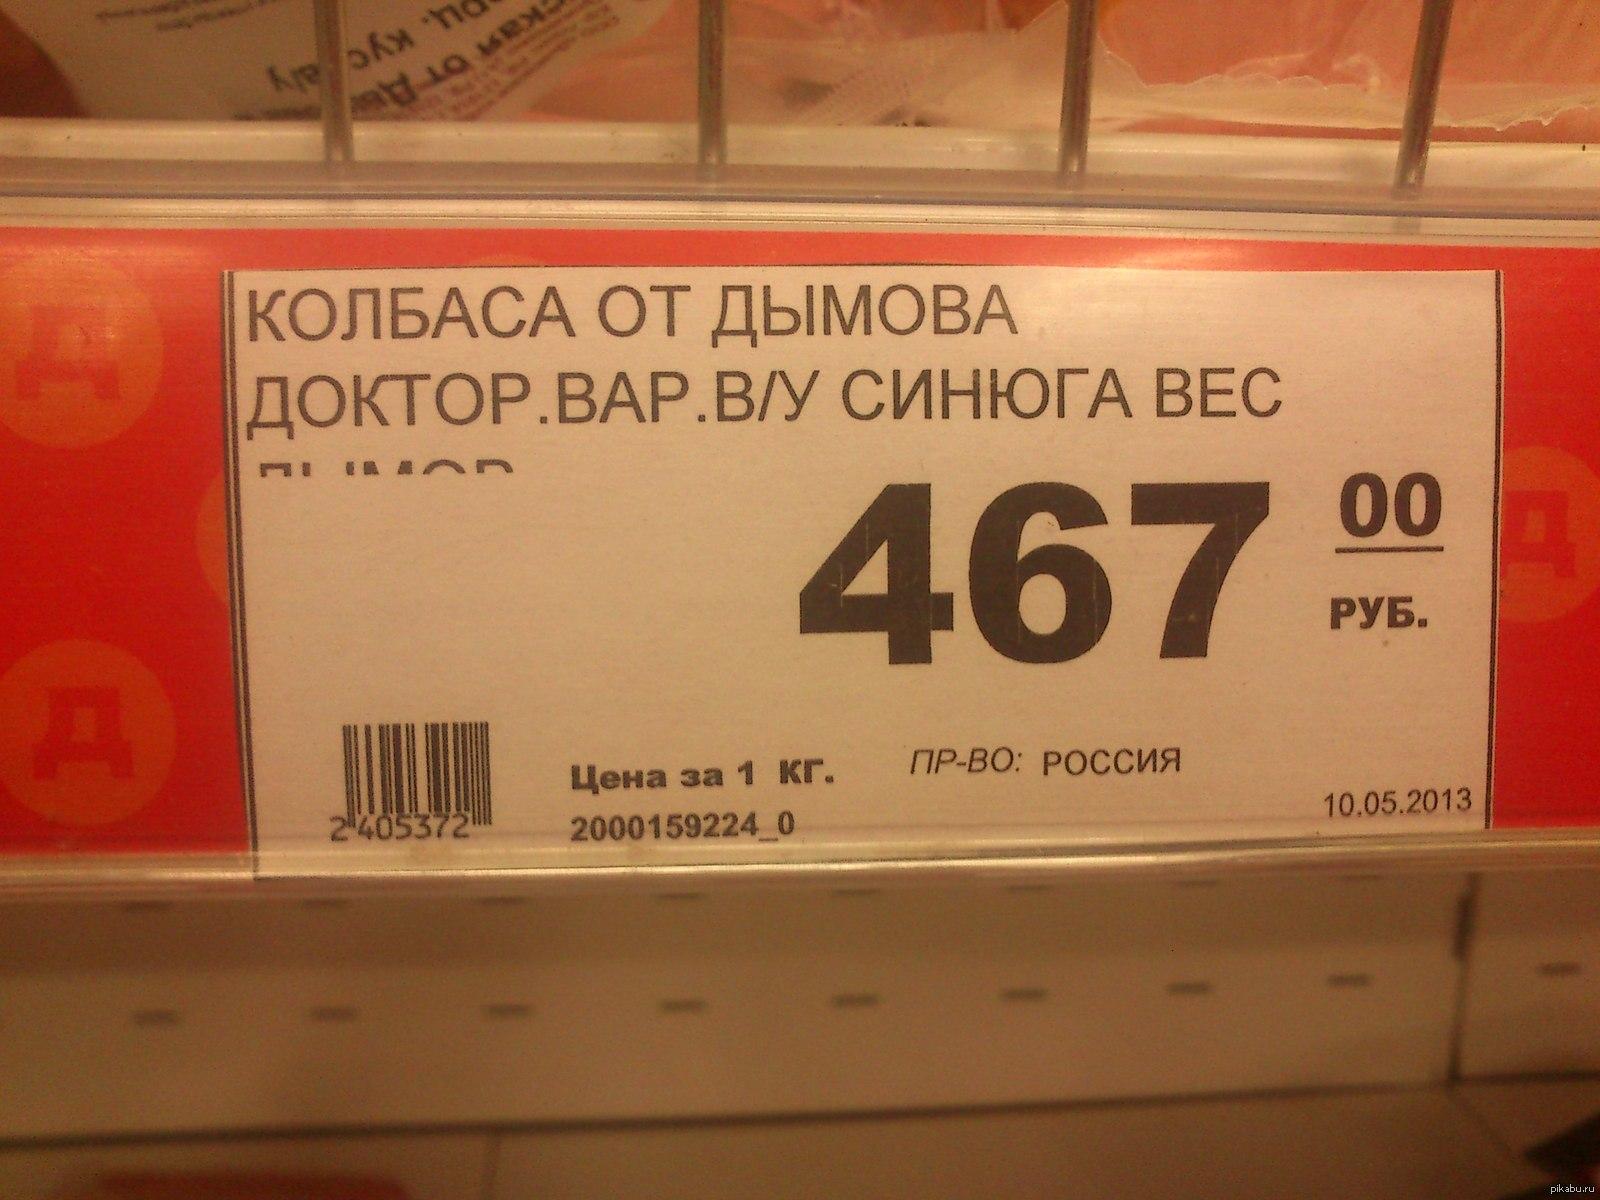 фото правильного ценника в продуктовом магазине нежные